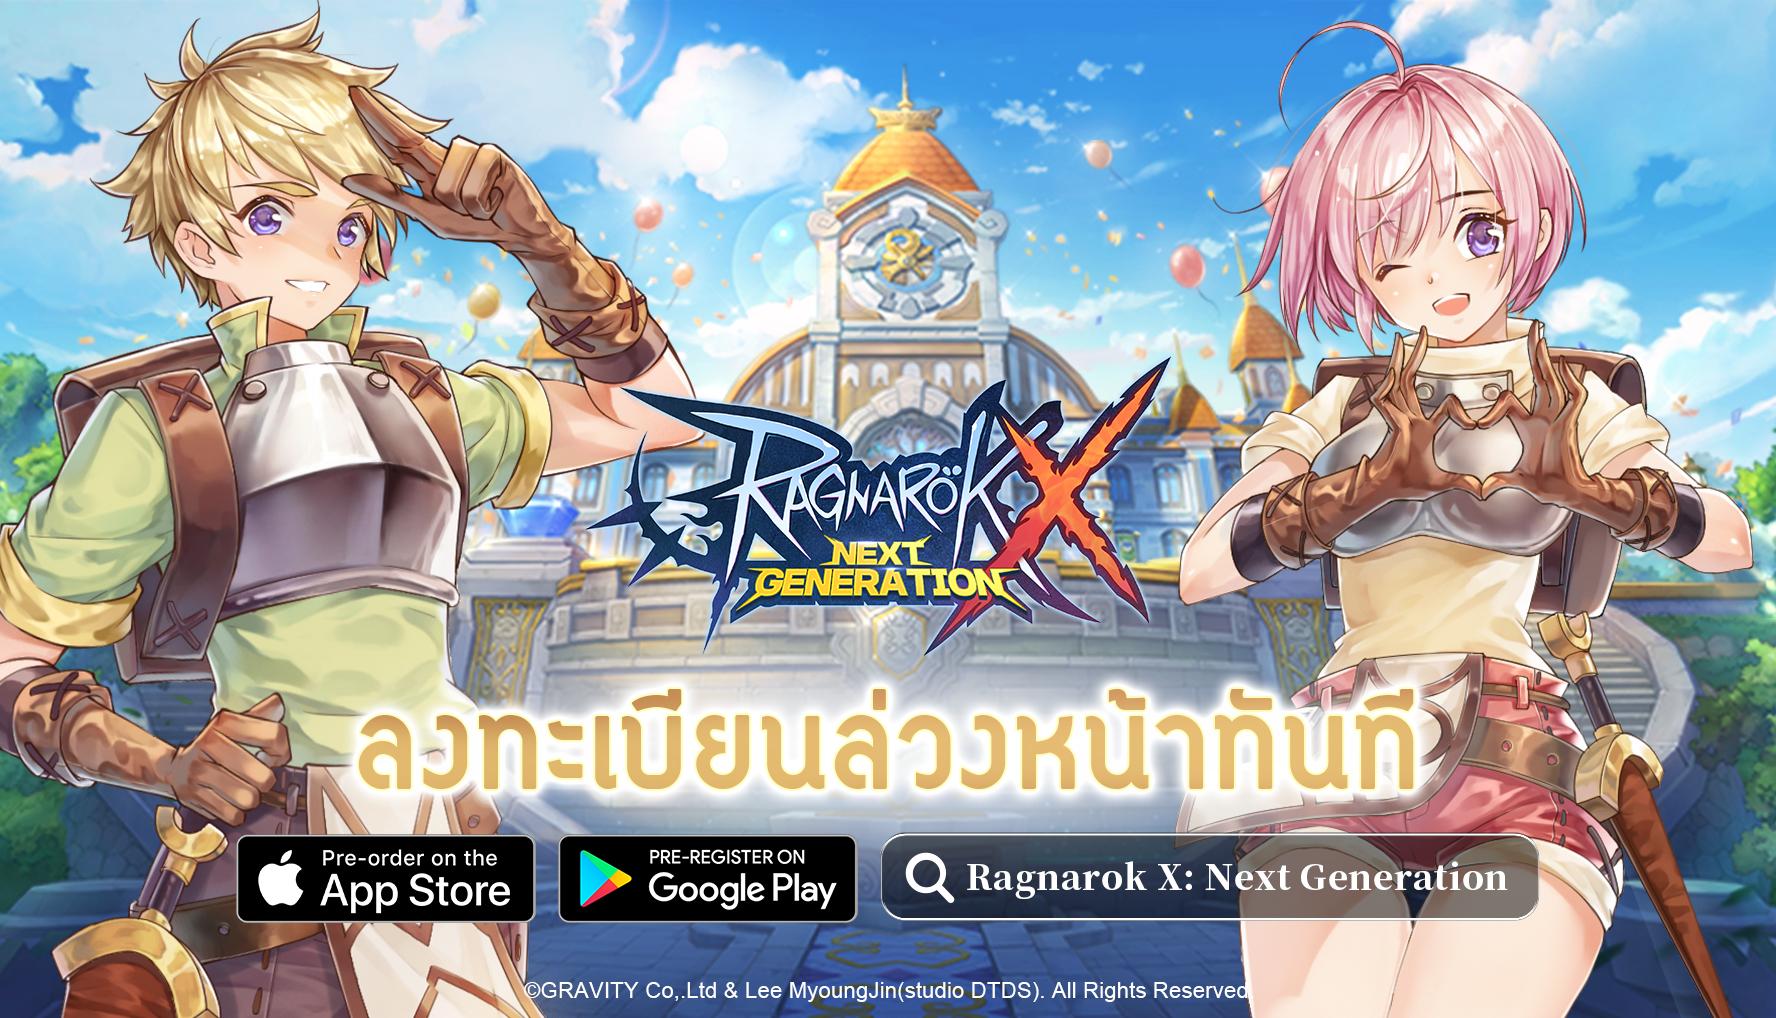 Ragnarok X: Next Generation เตรียมเปิดเป็นทางการ ในวันที่ 18 มิ.ย. ลงทะเบียนล่วงหน้าบน iOS/Android สโตร์ไทยทันที เพื่อรับของรางวัลสุดพิเศษ เมื่อเกมเปิดทางการ